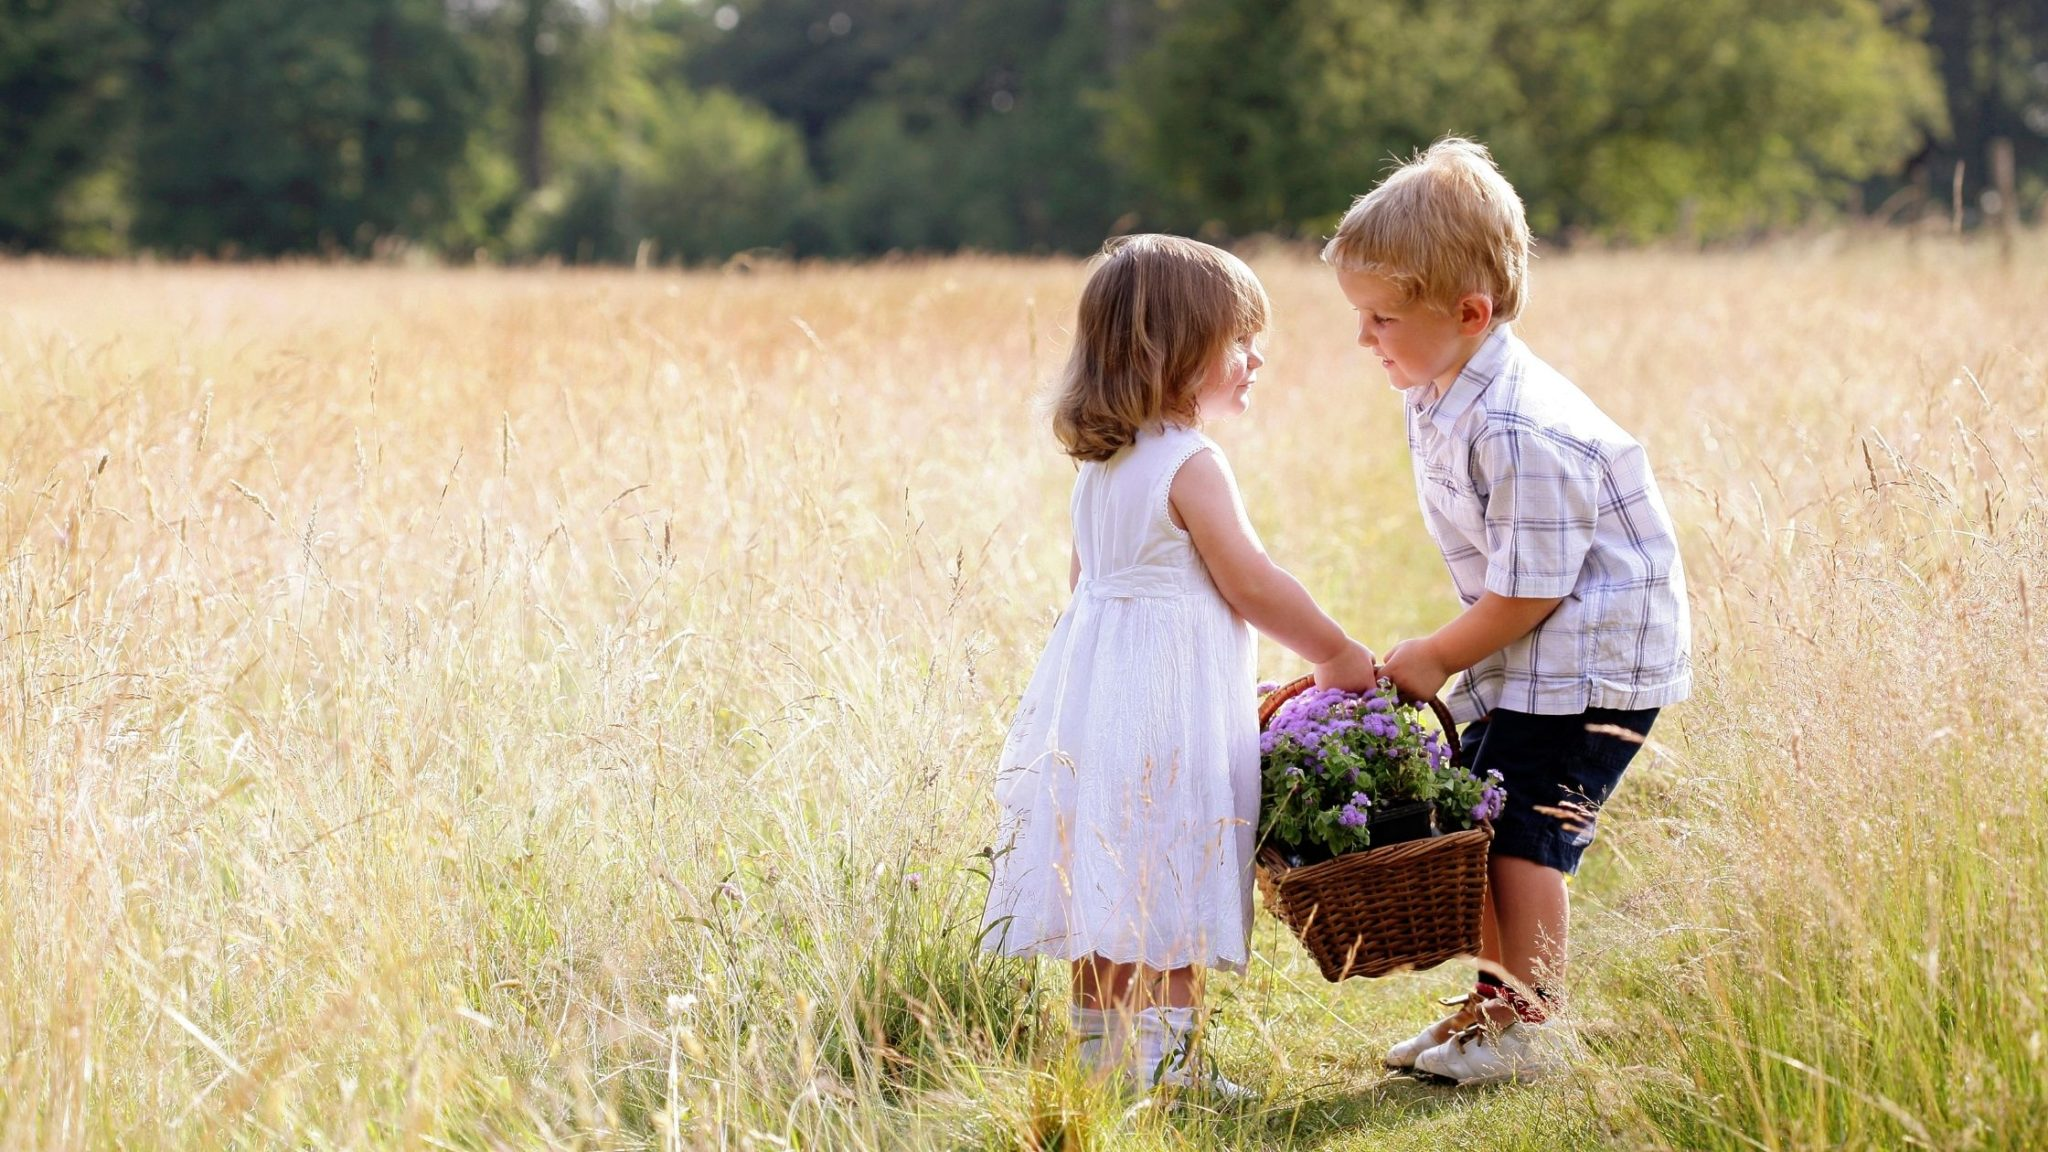 Parentalité positive sensibiliser à l'écologie